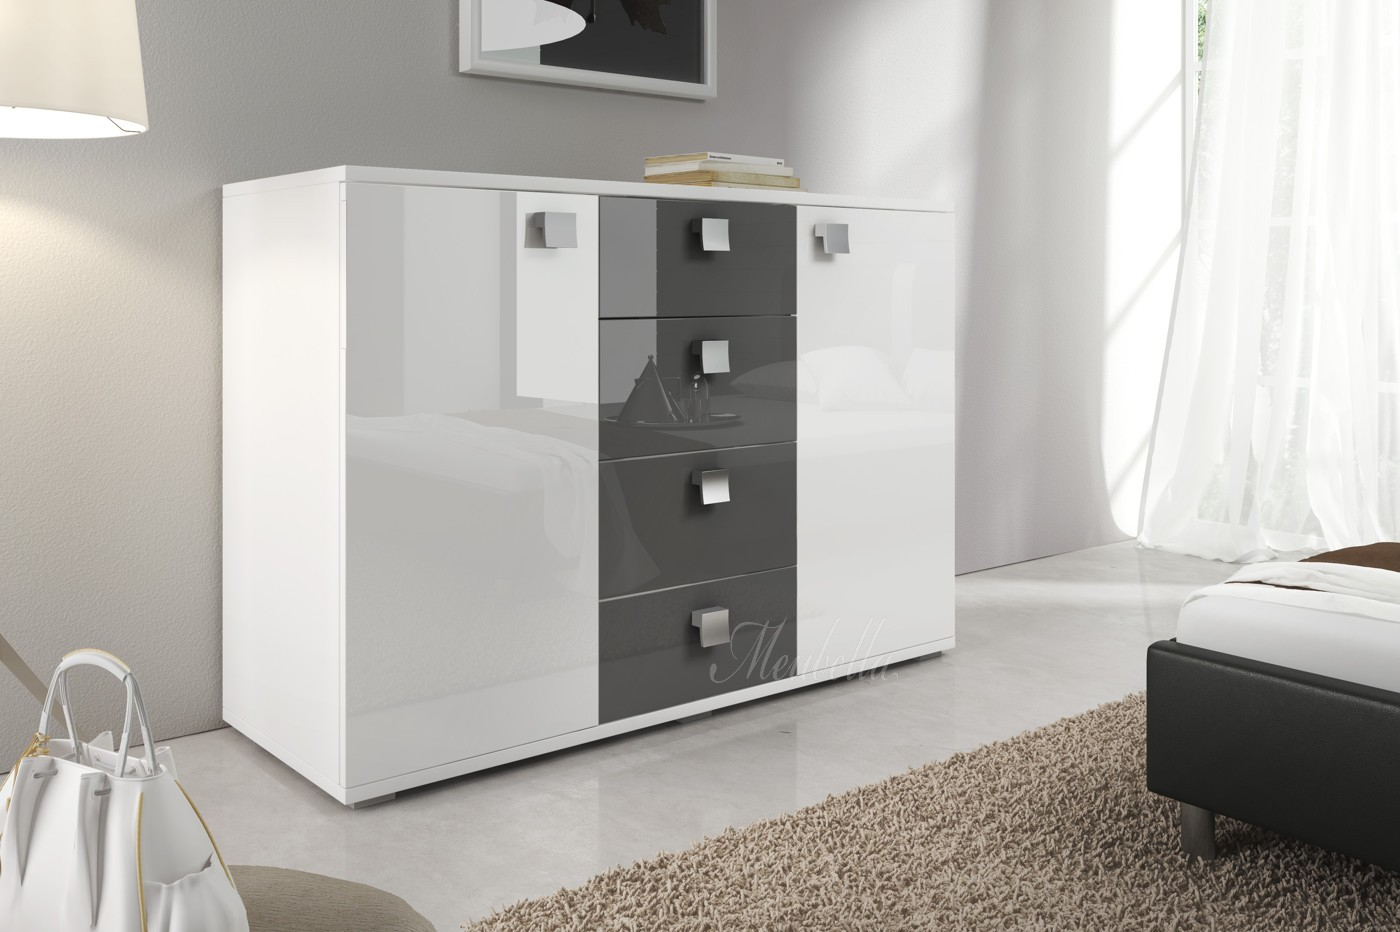 Witte Commode Slaapkamer : Commode rivalo 120 grijs wit commodes kasten slaapkamer